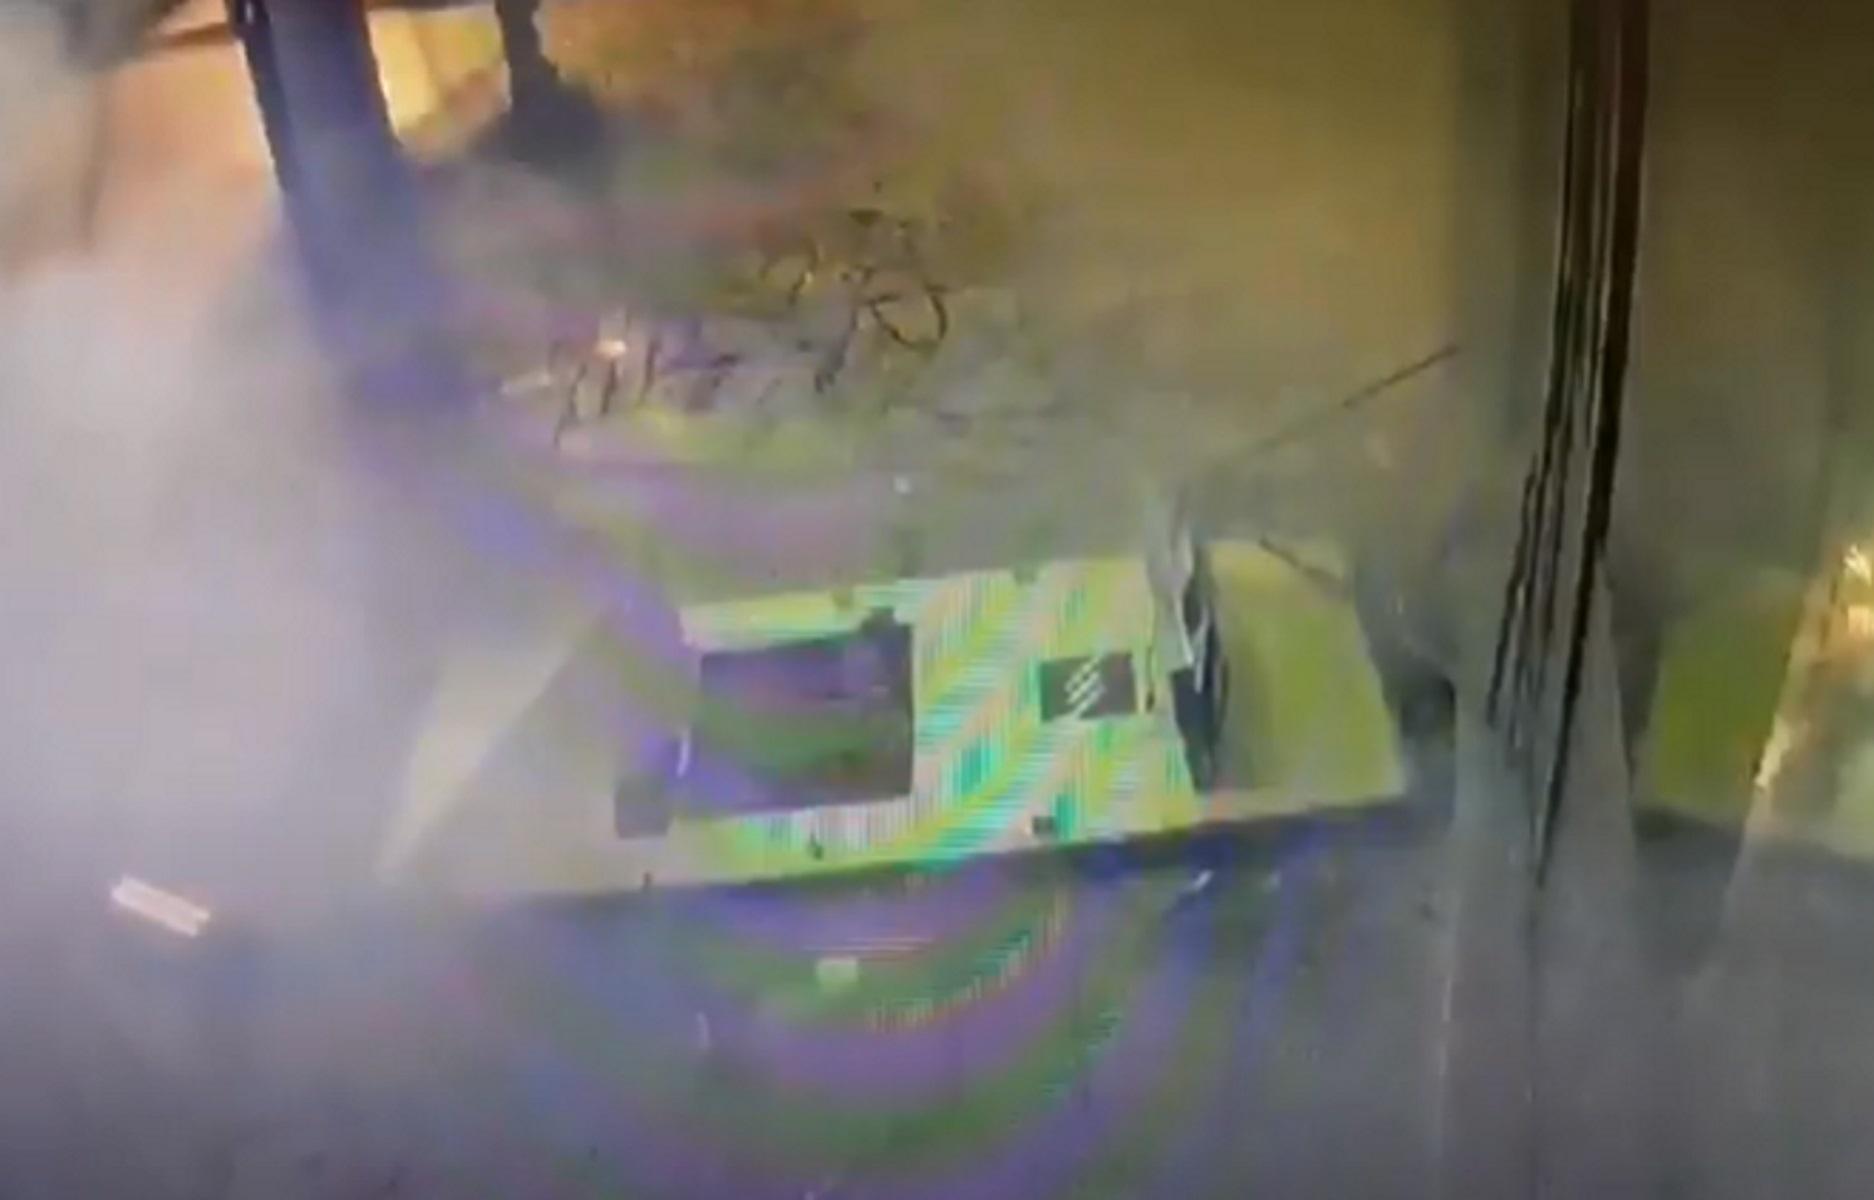 Βίντεο ντοκουμέντο: Έτσι ανατίναζε τα ATM η τριμελής συμμορία